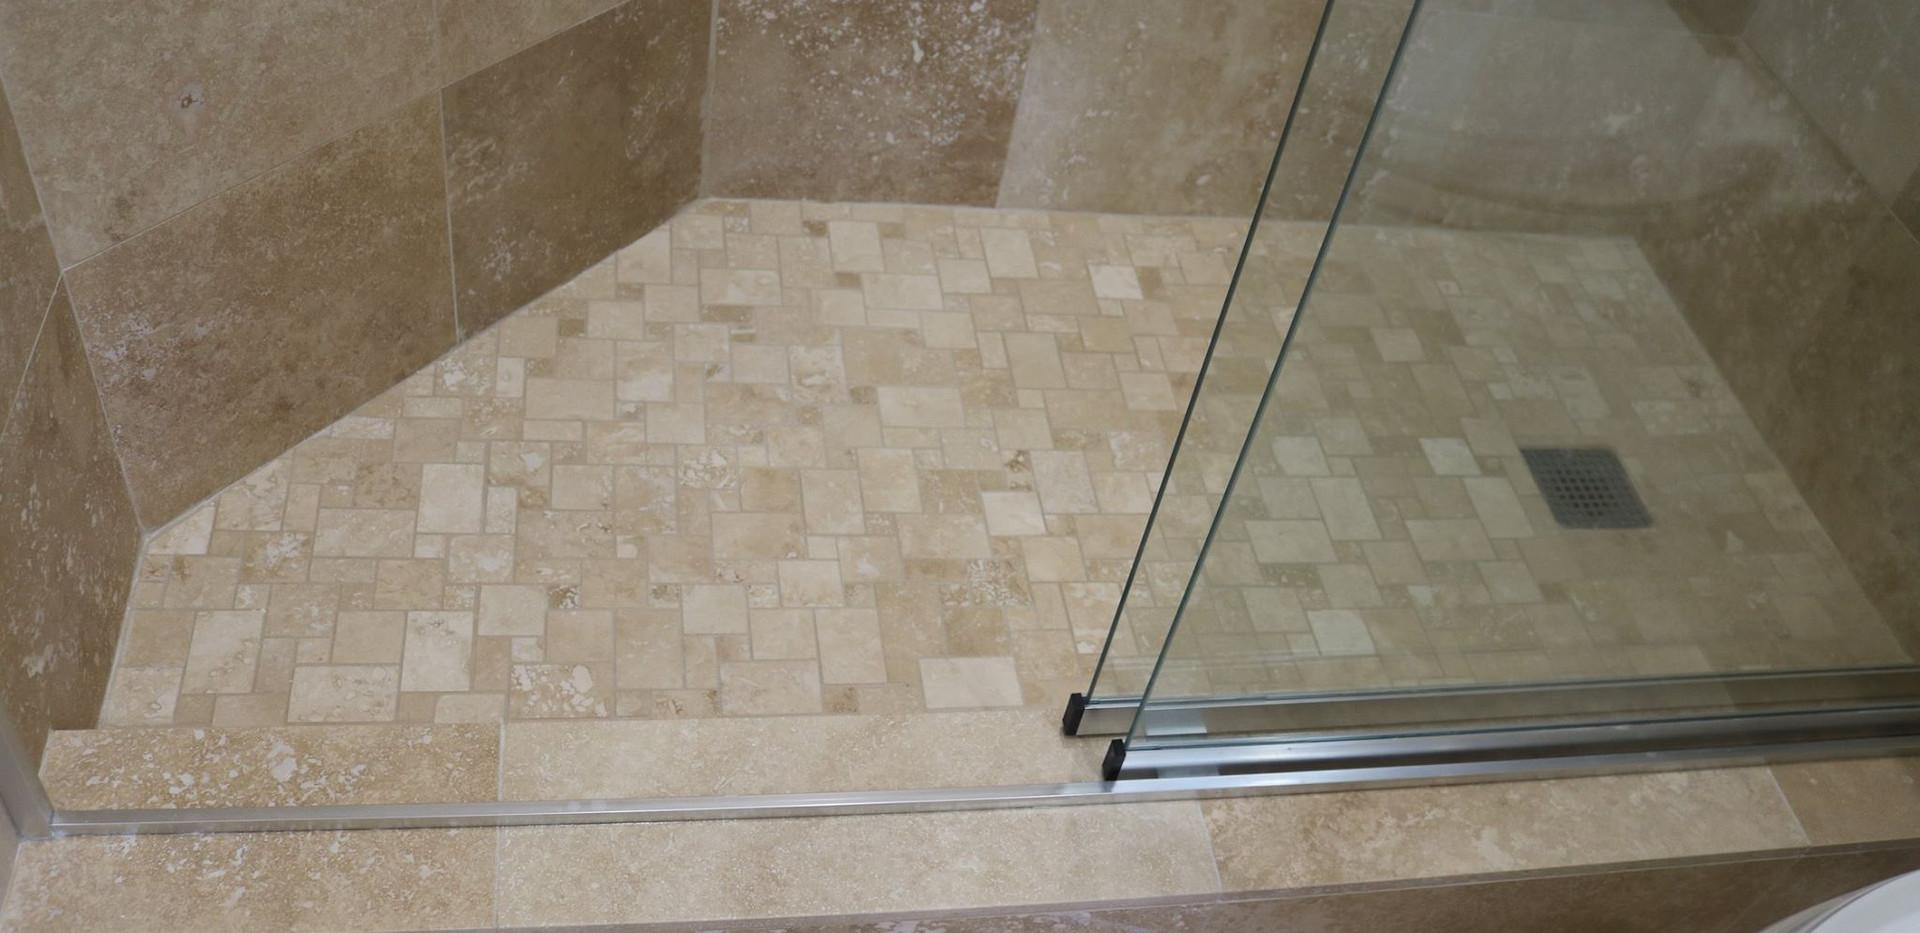 tile work 8.jpg